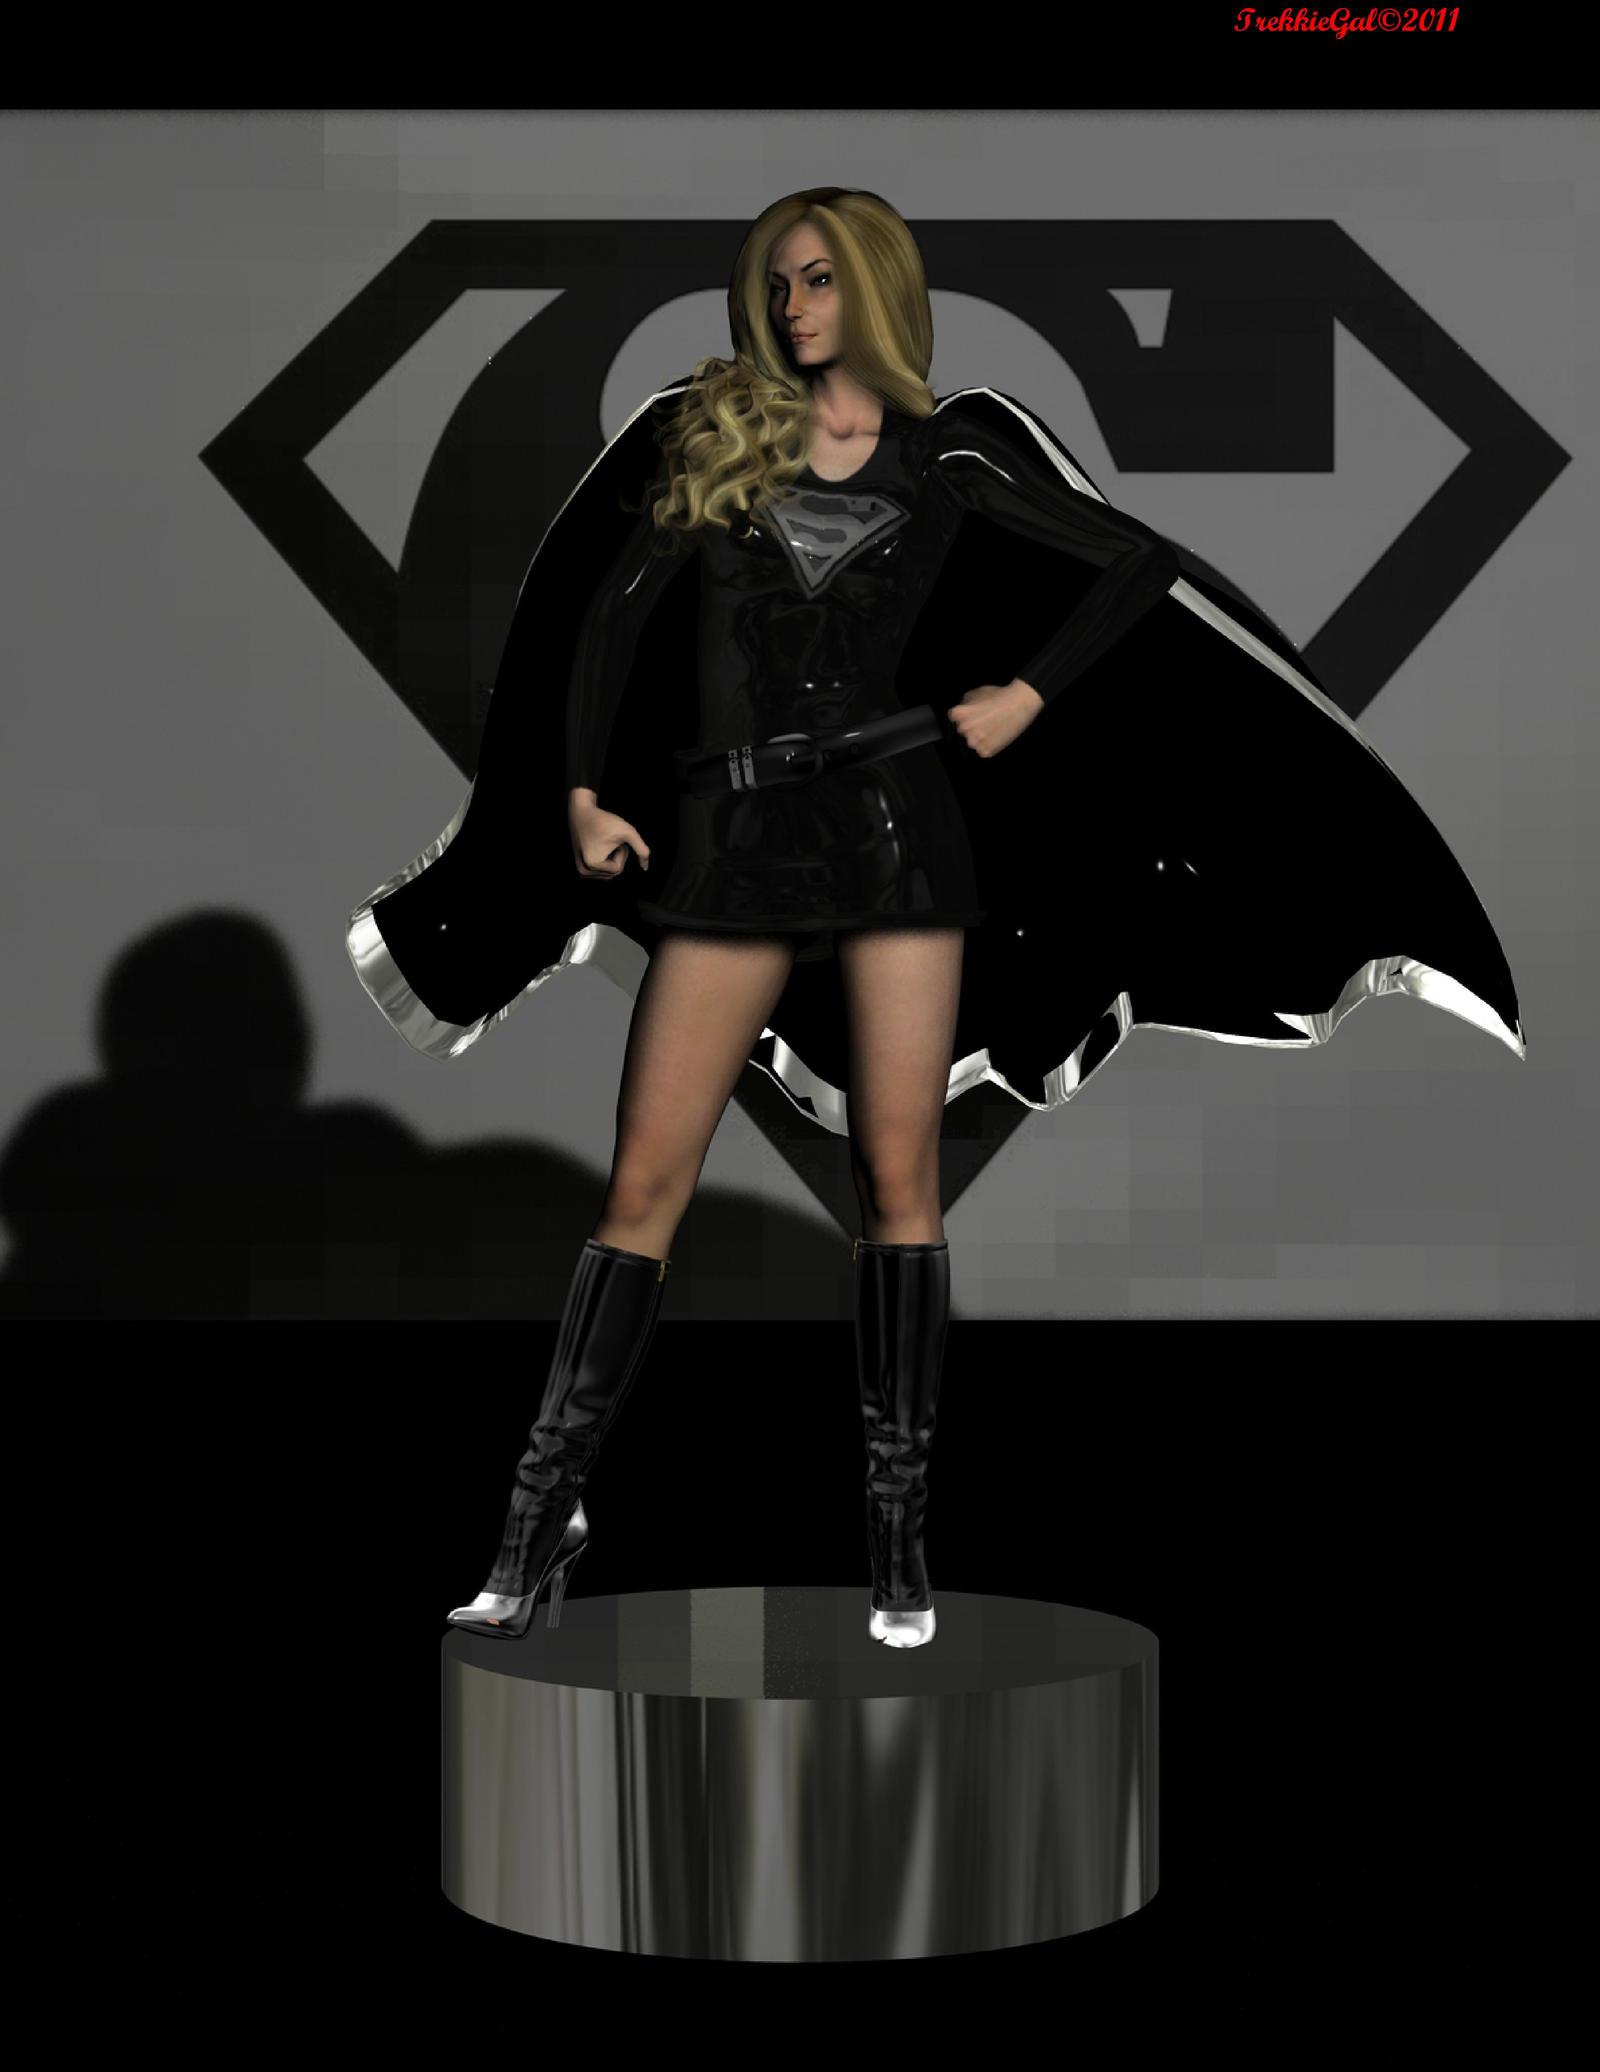 dark supergirl wallpaper - photo #23